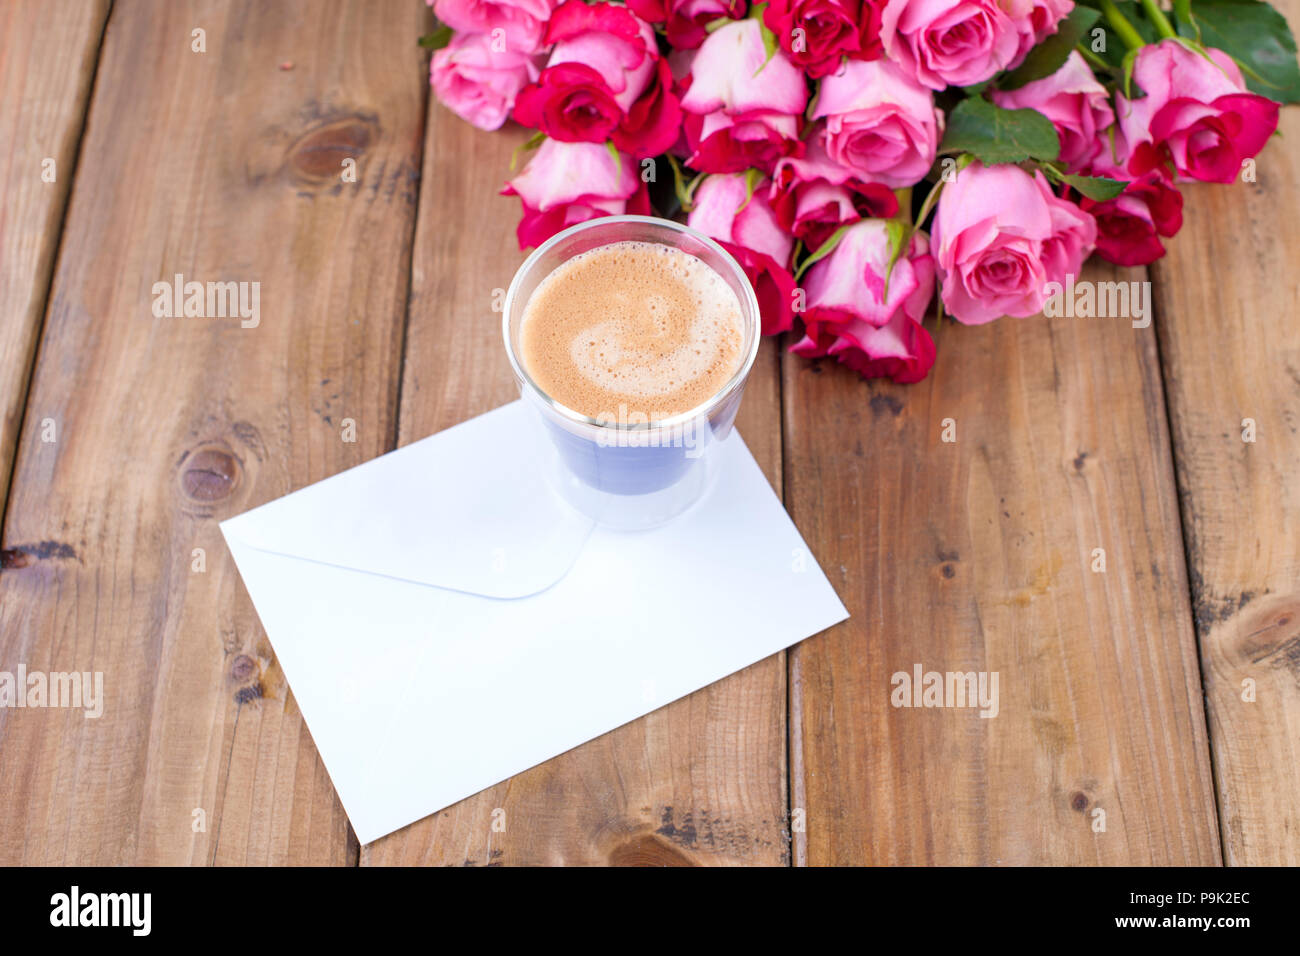 Un bouquet de roses frais et un verre de l'espresso. Fond de bois. Espace libre pour le texte ou les cartes postales. Enveloppe blanche pour l'écriture. Photo Stock